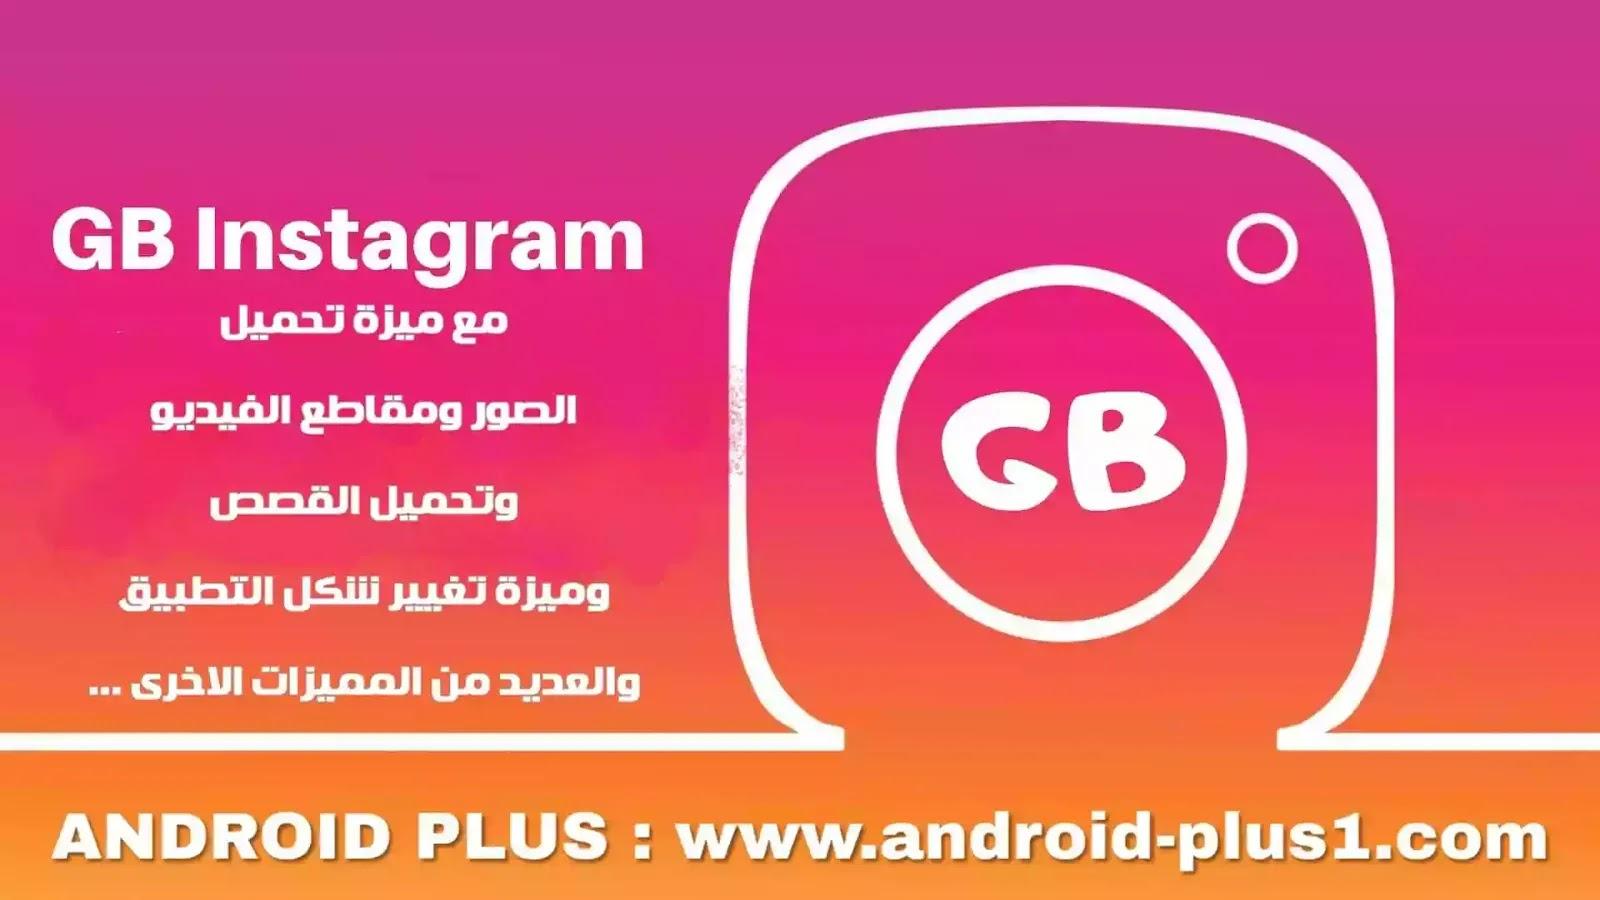 764a644ad تحميل تطبيق انستقرام جي بي GB Instagram apk يدعم الثيمات و تحميل الصور  ومقاطع الفيديو والقصص